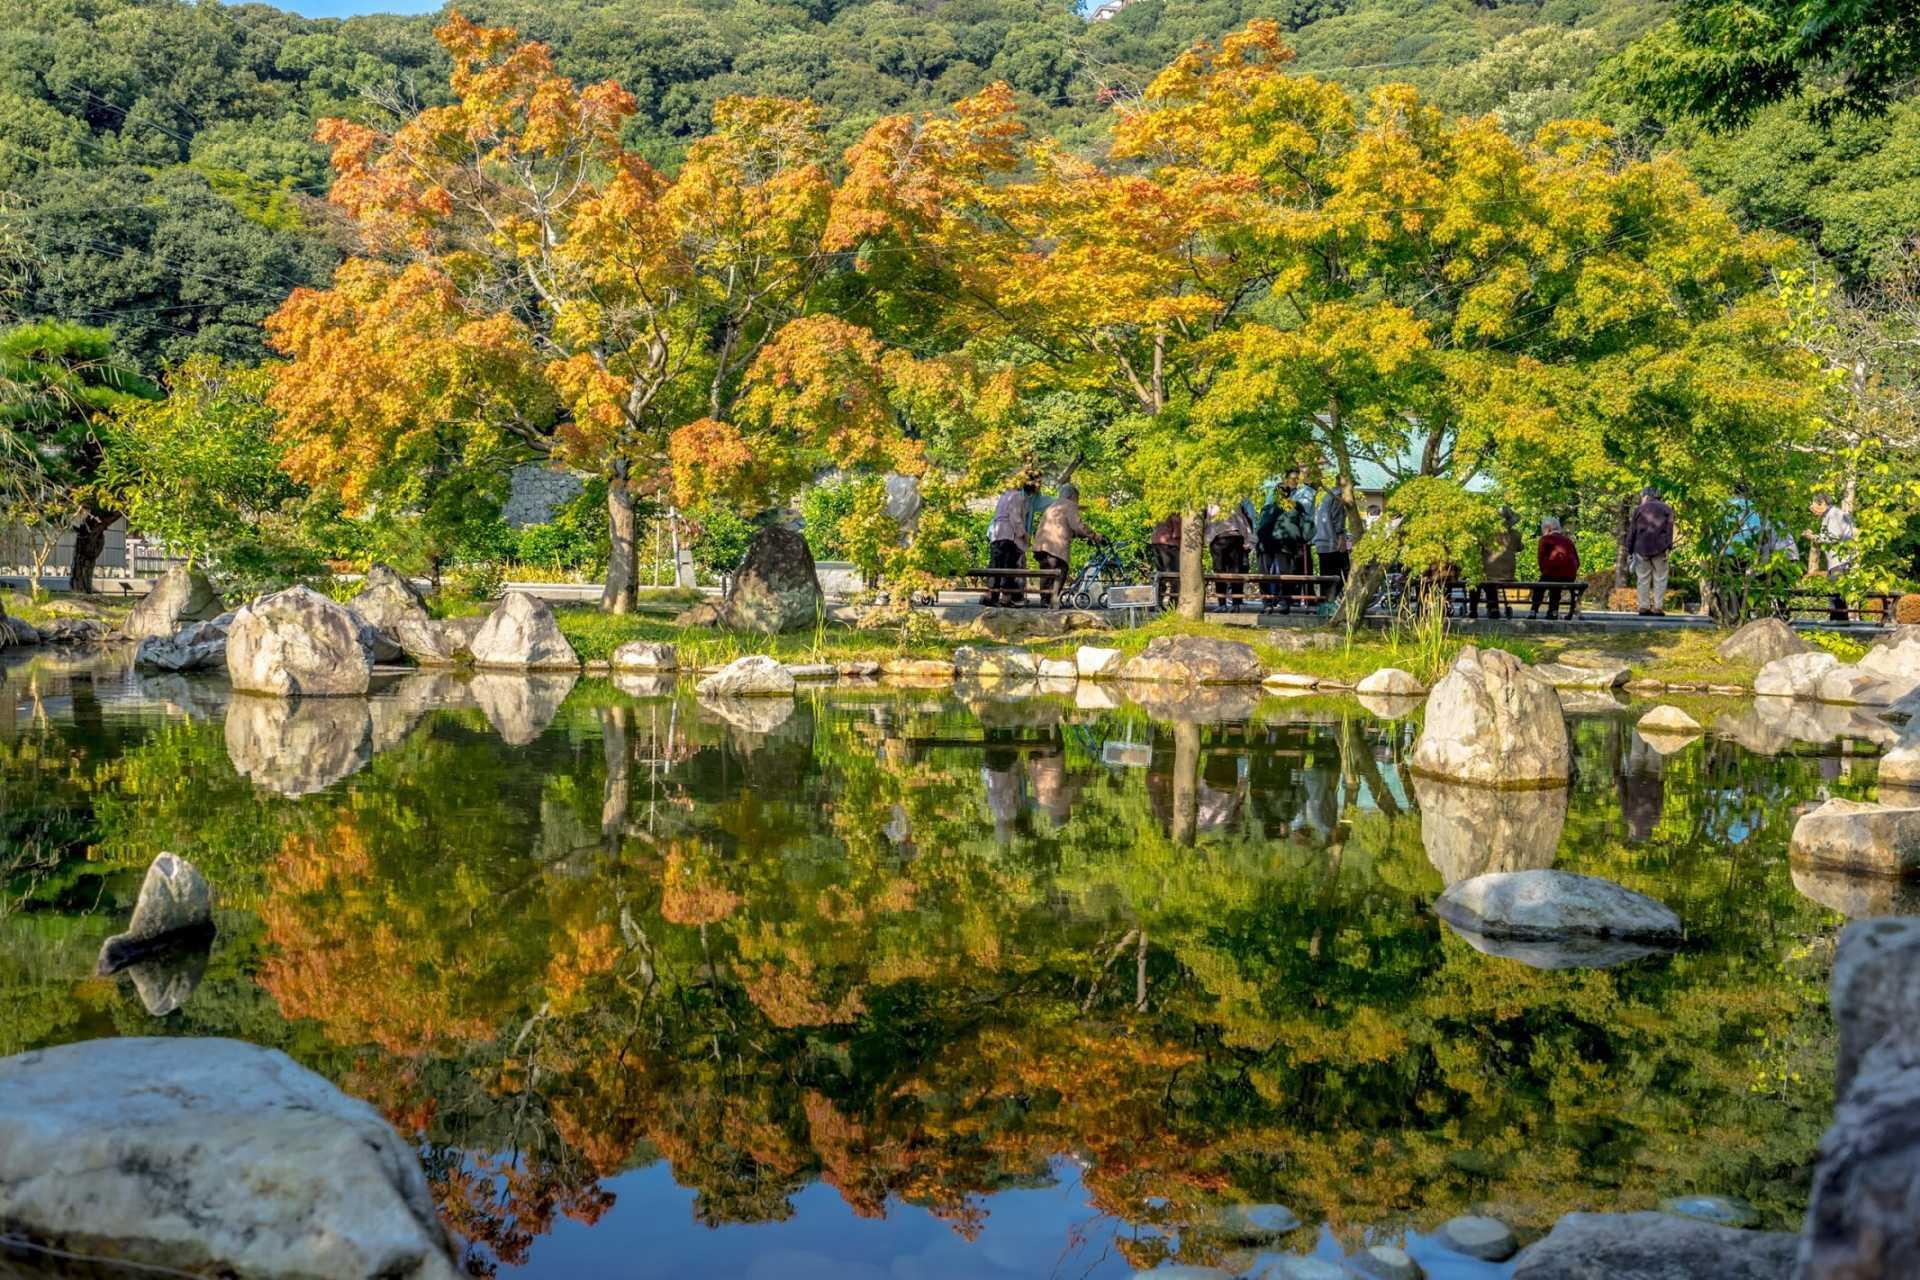 少许的枫树倒映在池塘清澈的水中